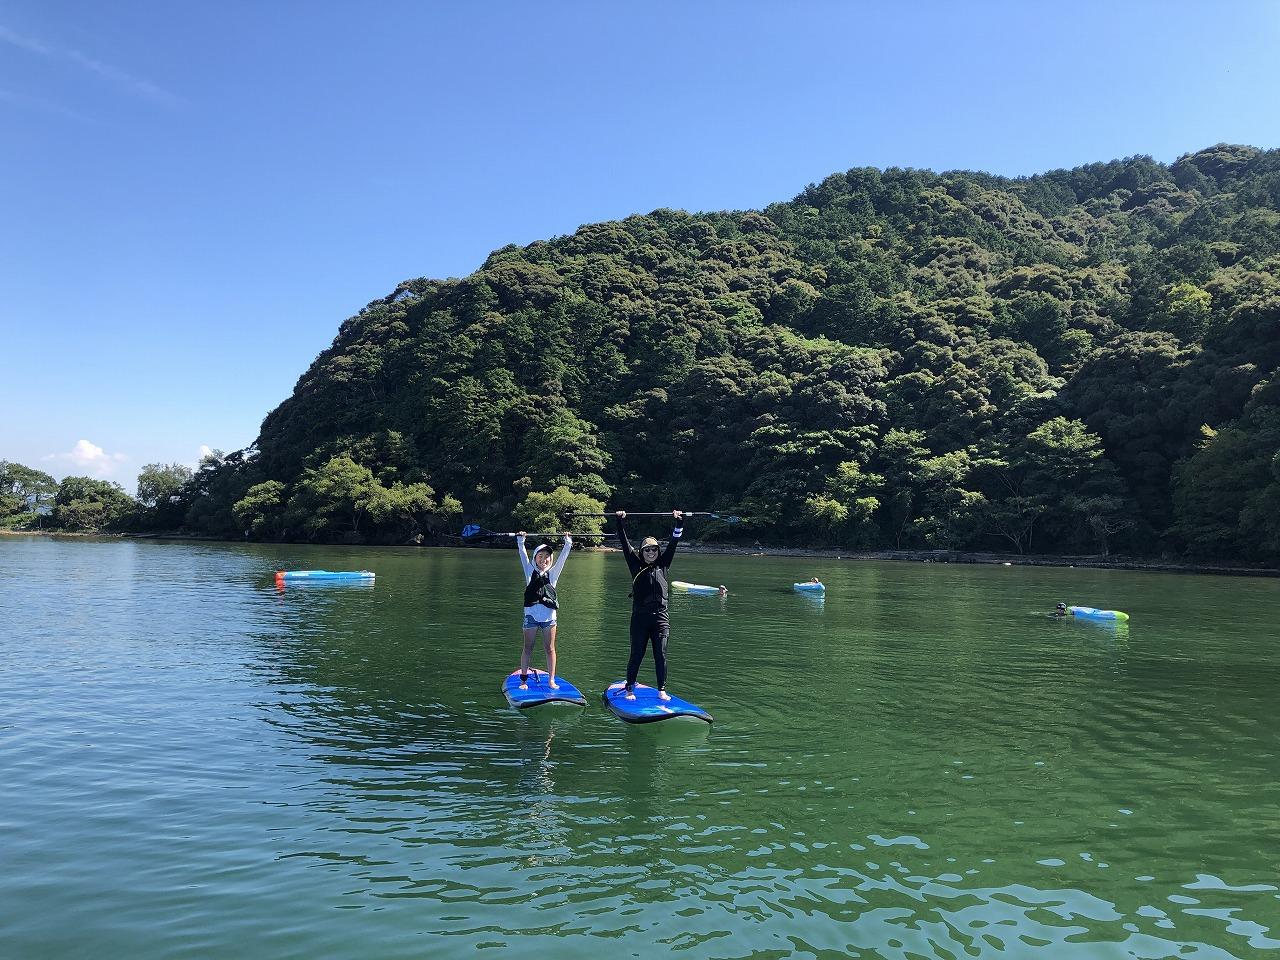 琵琶湖でSUPを楽しみます。@Puka Pukaびわ湖